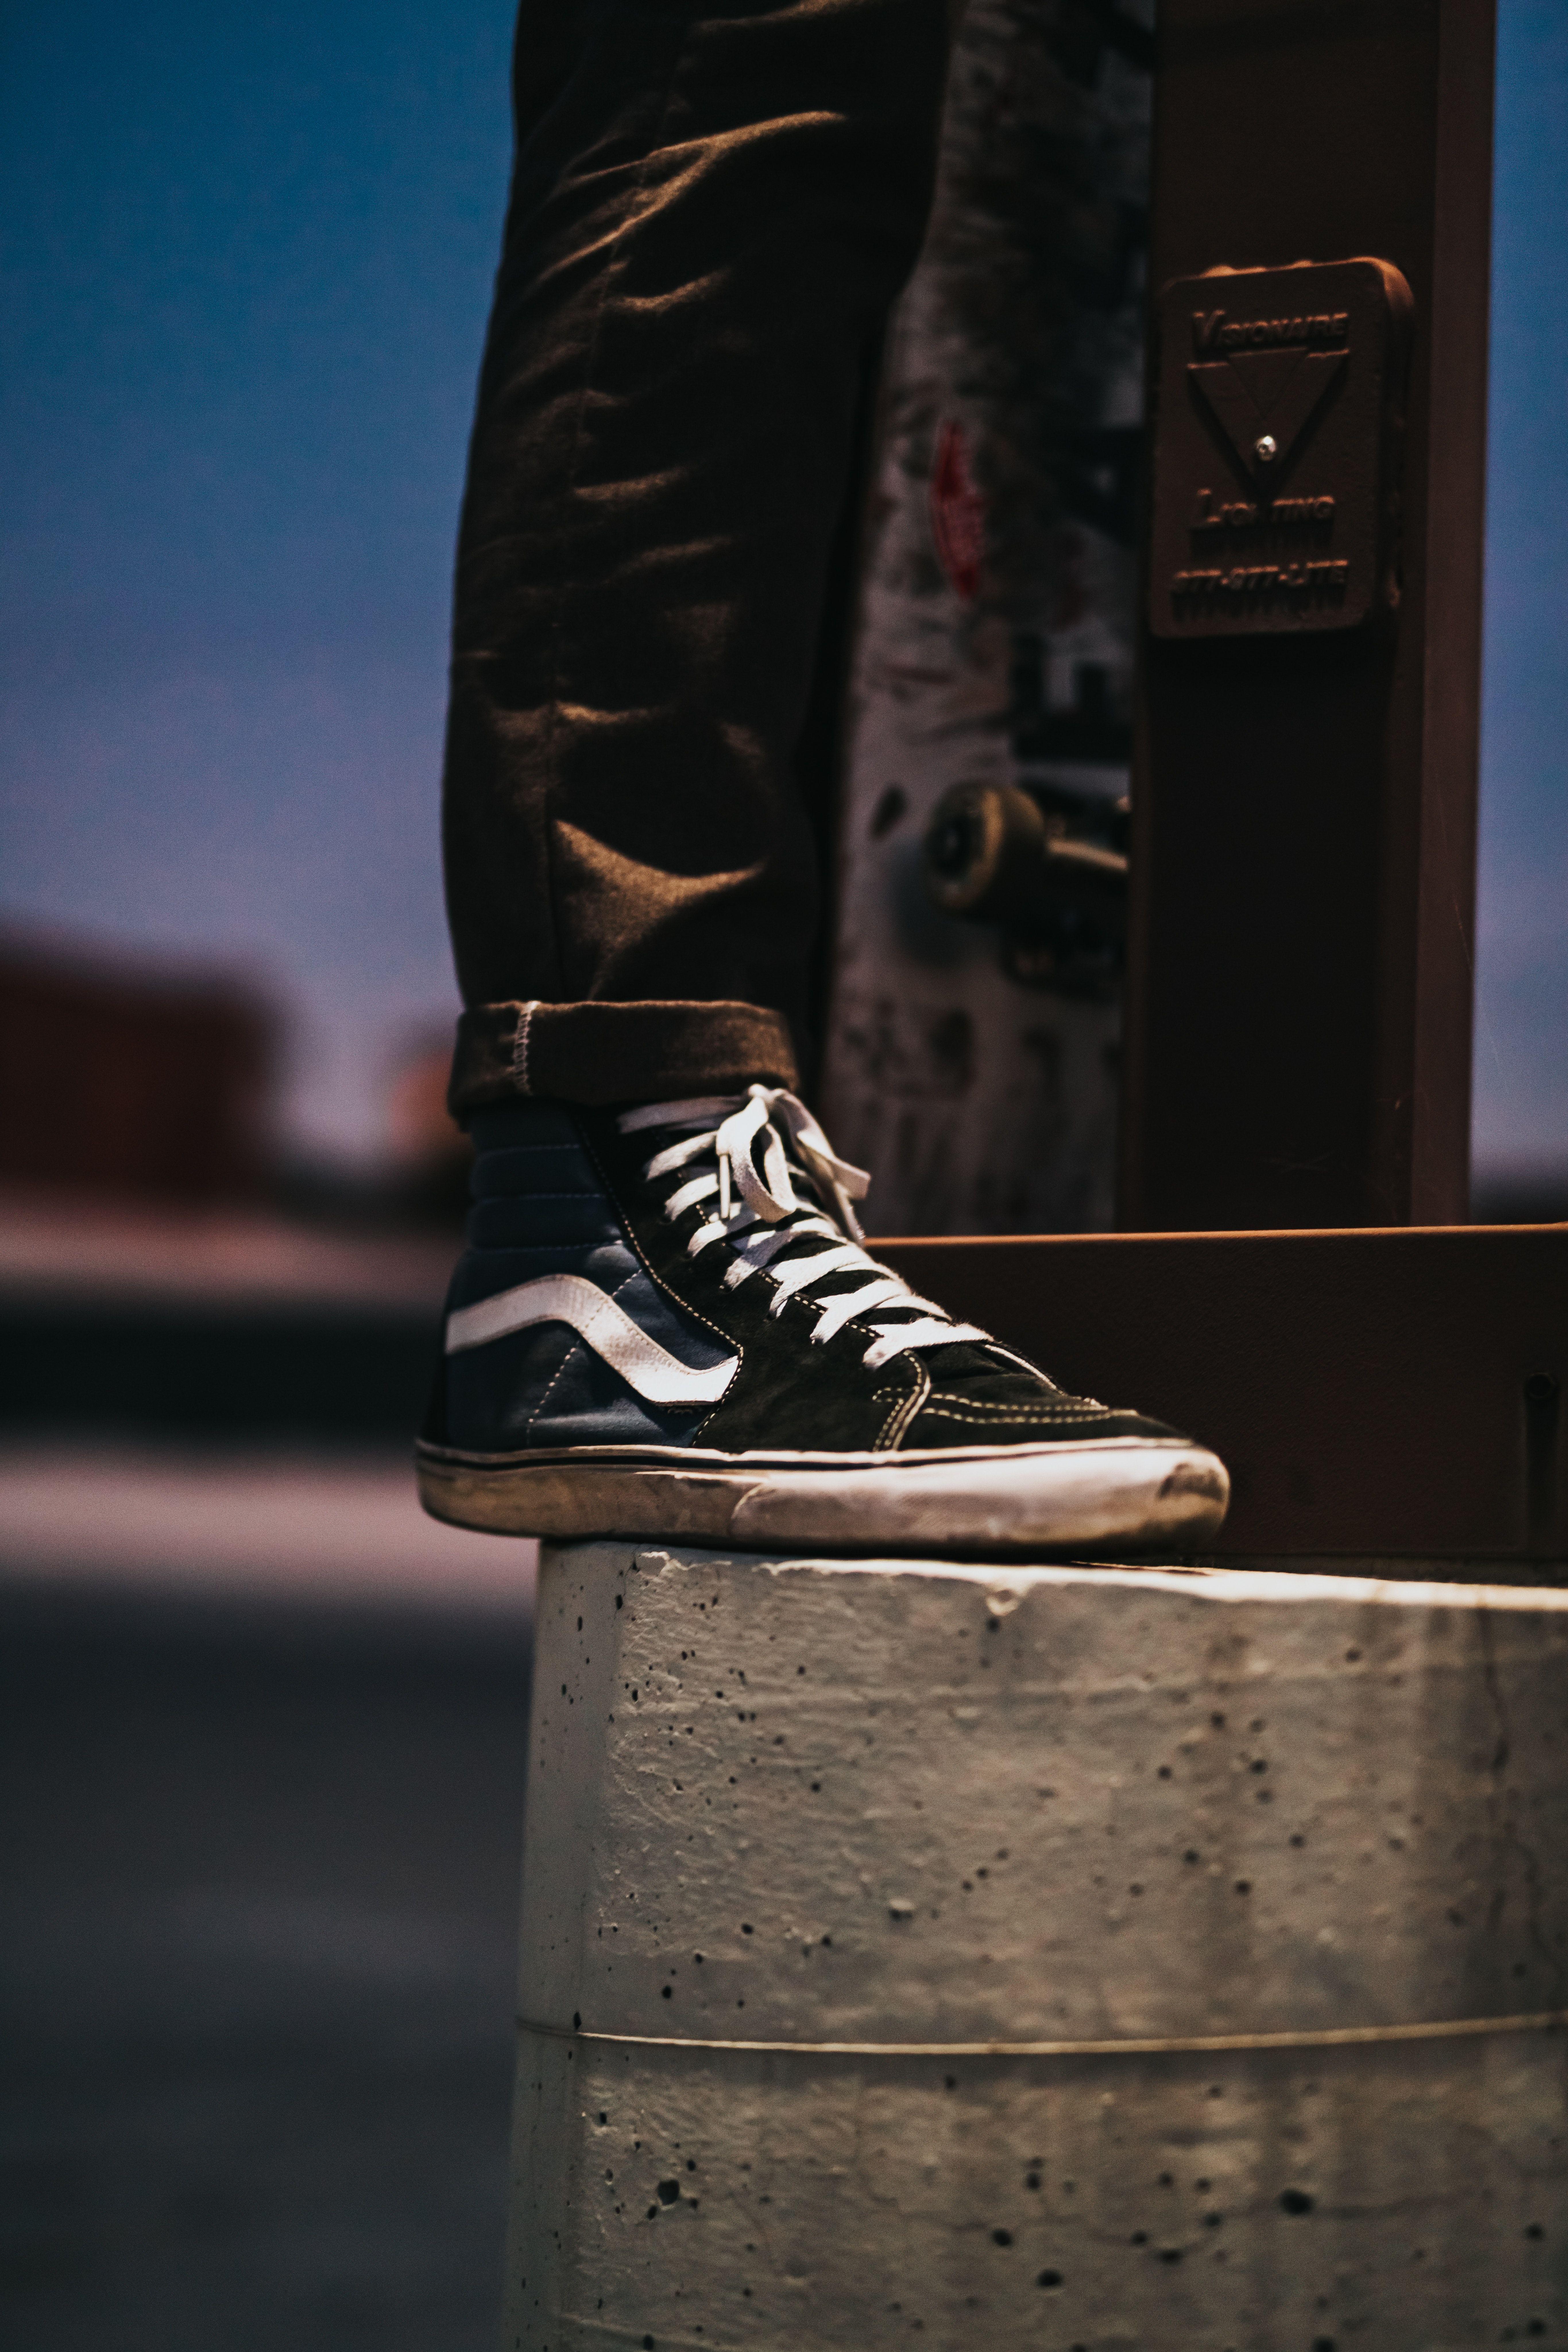 vans shoes hd